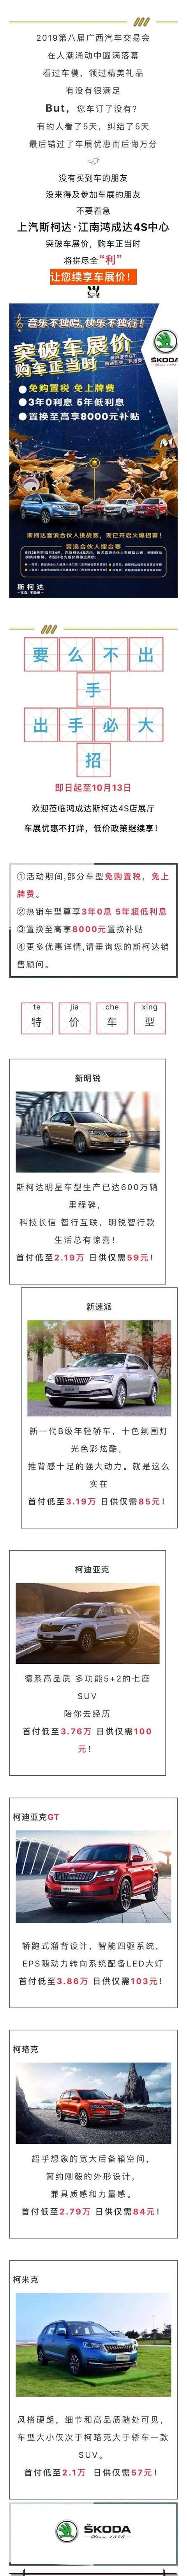 音乐不独唱快乐不独行——突破车展价,购车正当时!